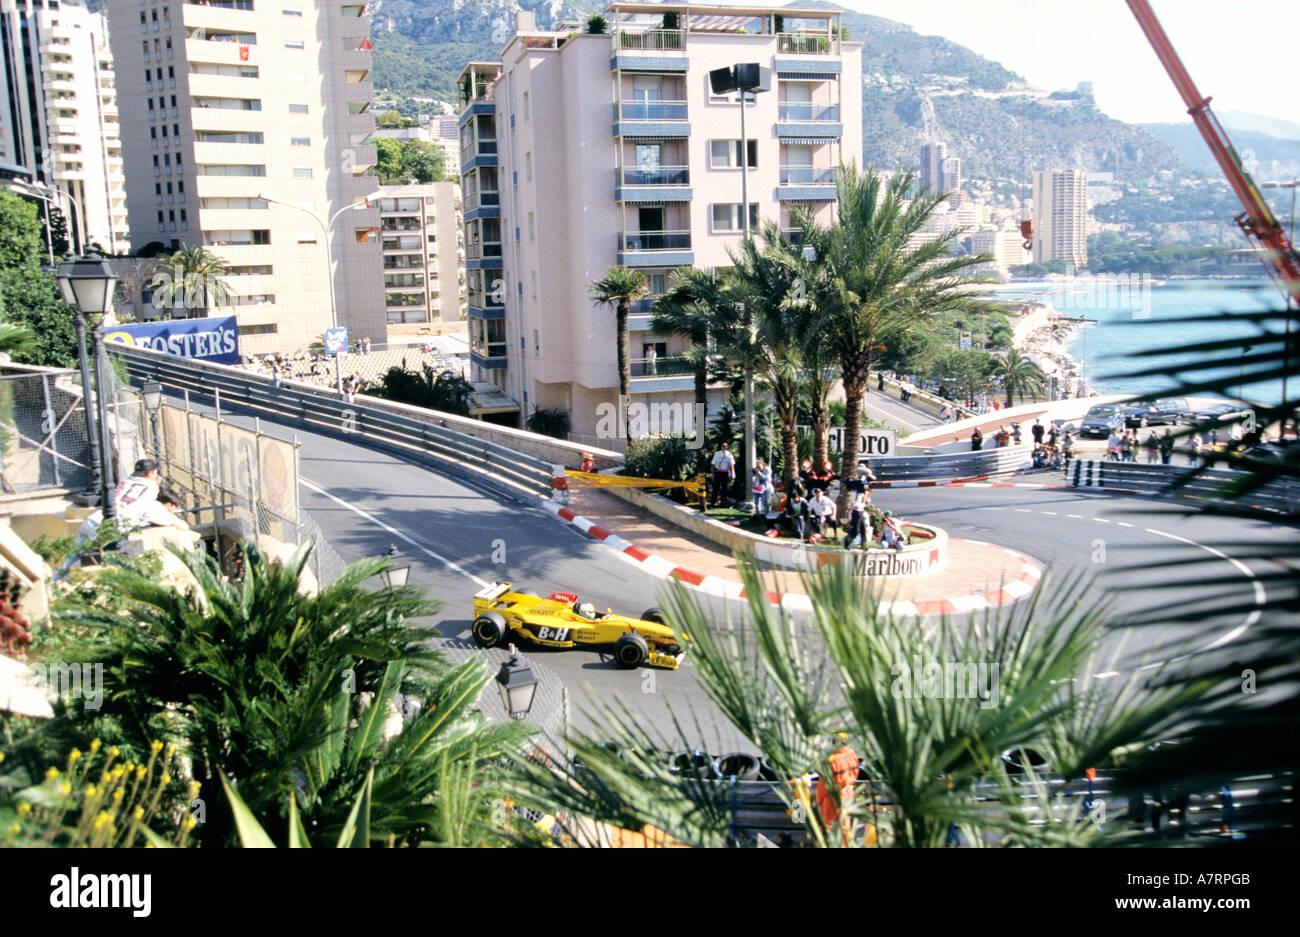 Principality of Monaco, great race of Formula 1 - Stock Image